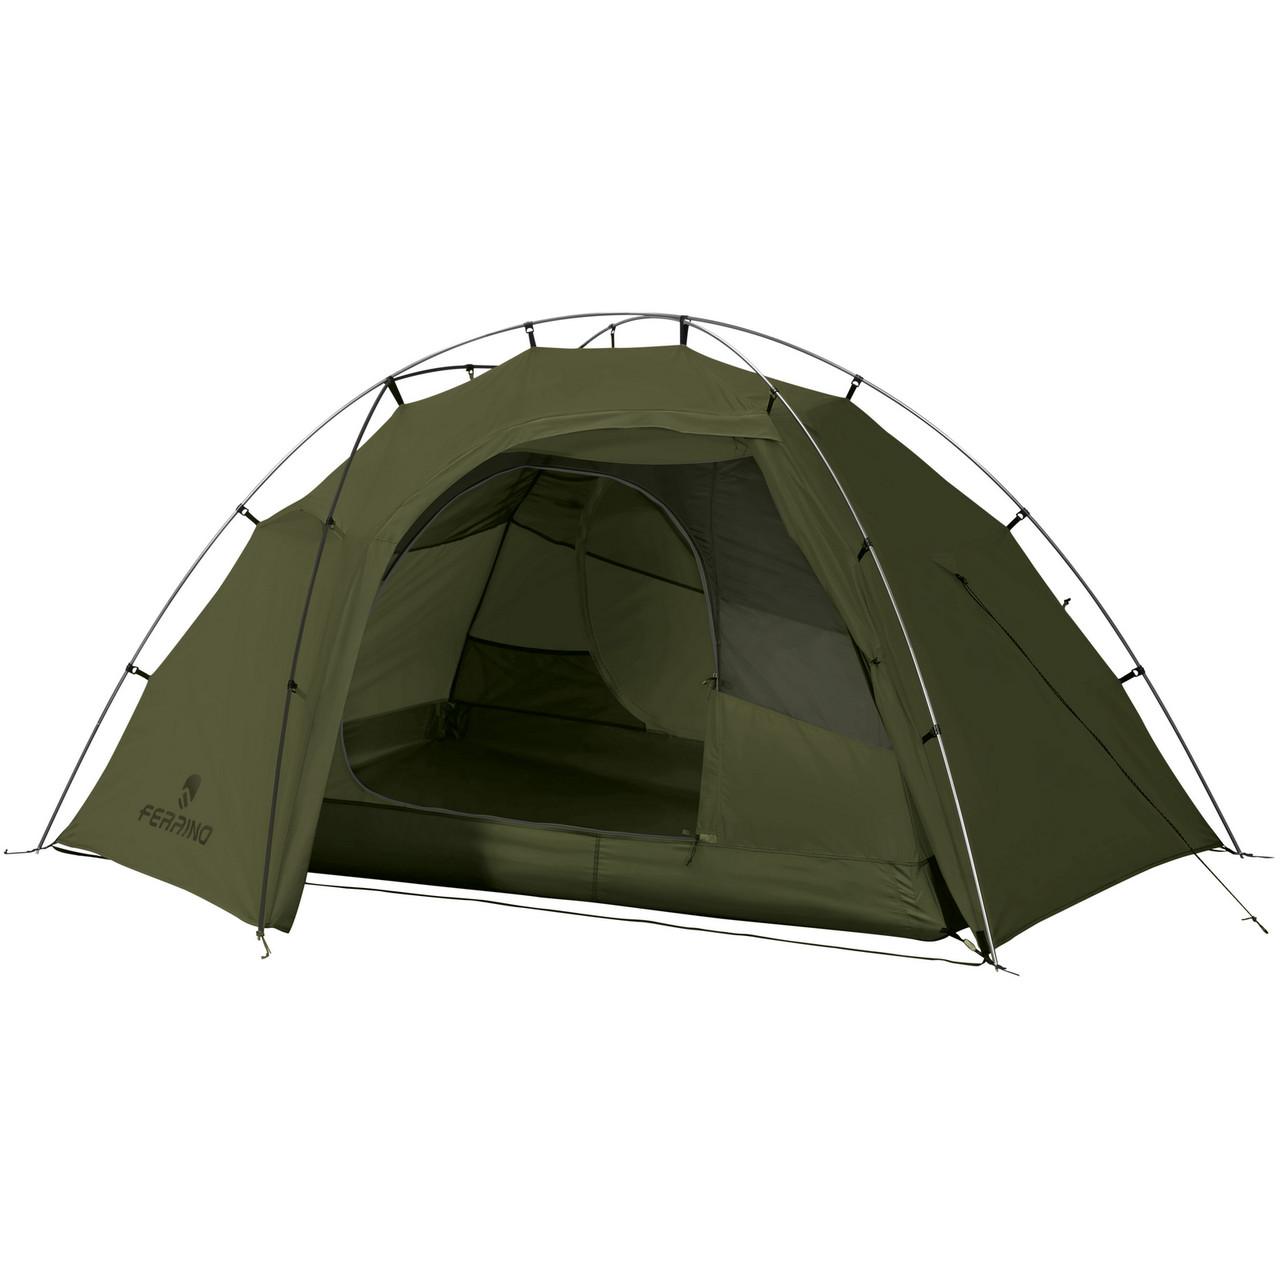 Палатка Ferrino Force 2 (8000) Olive Green